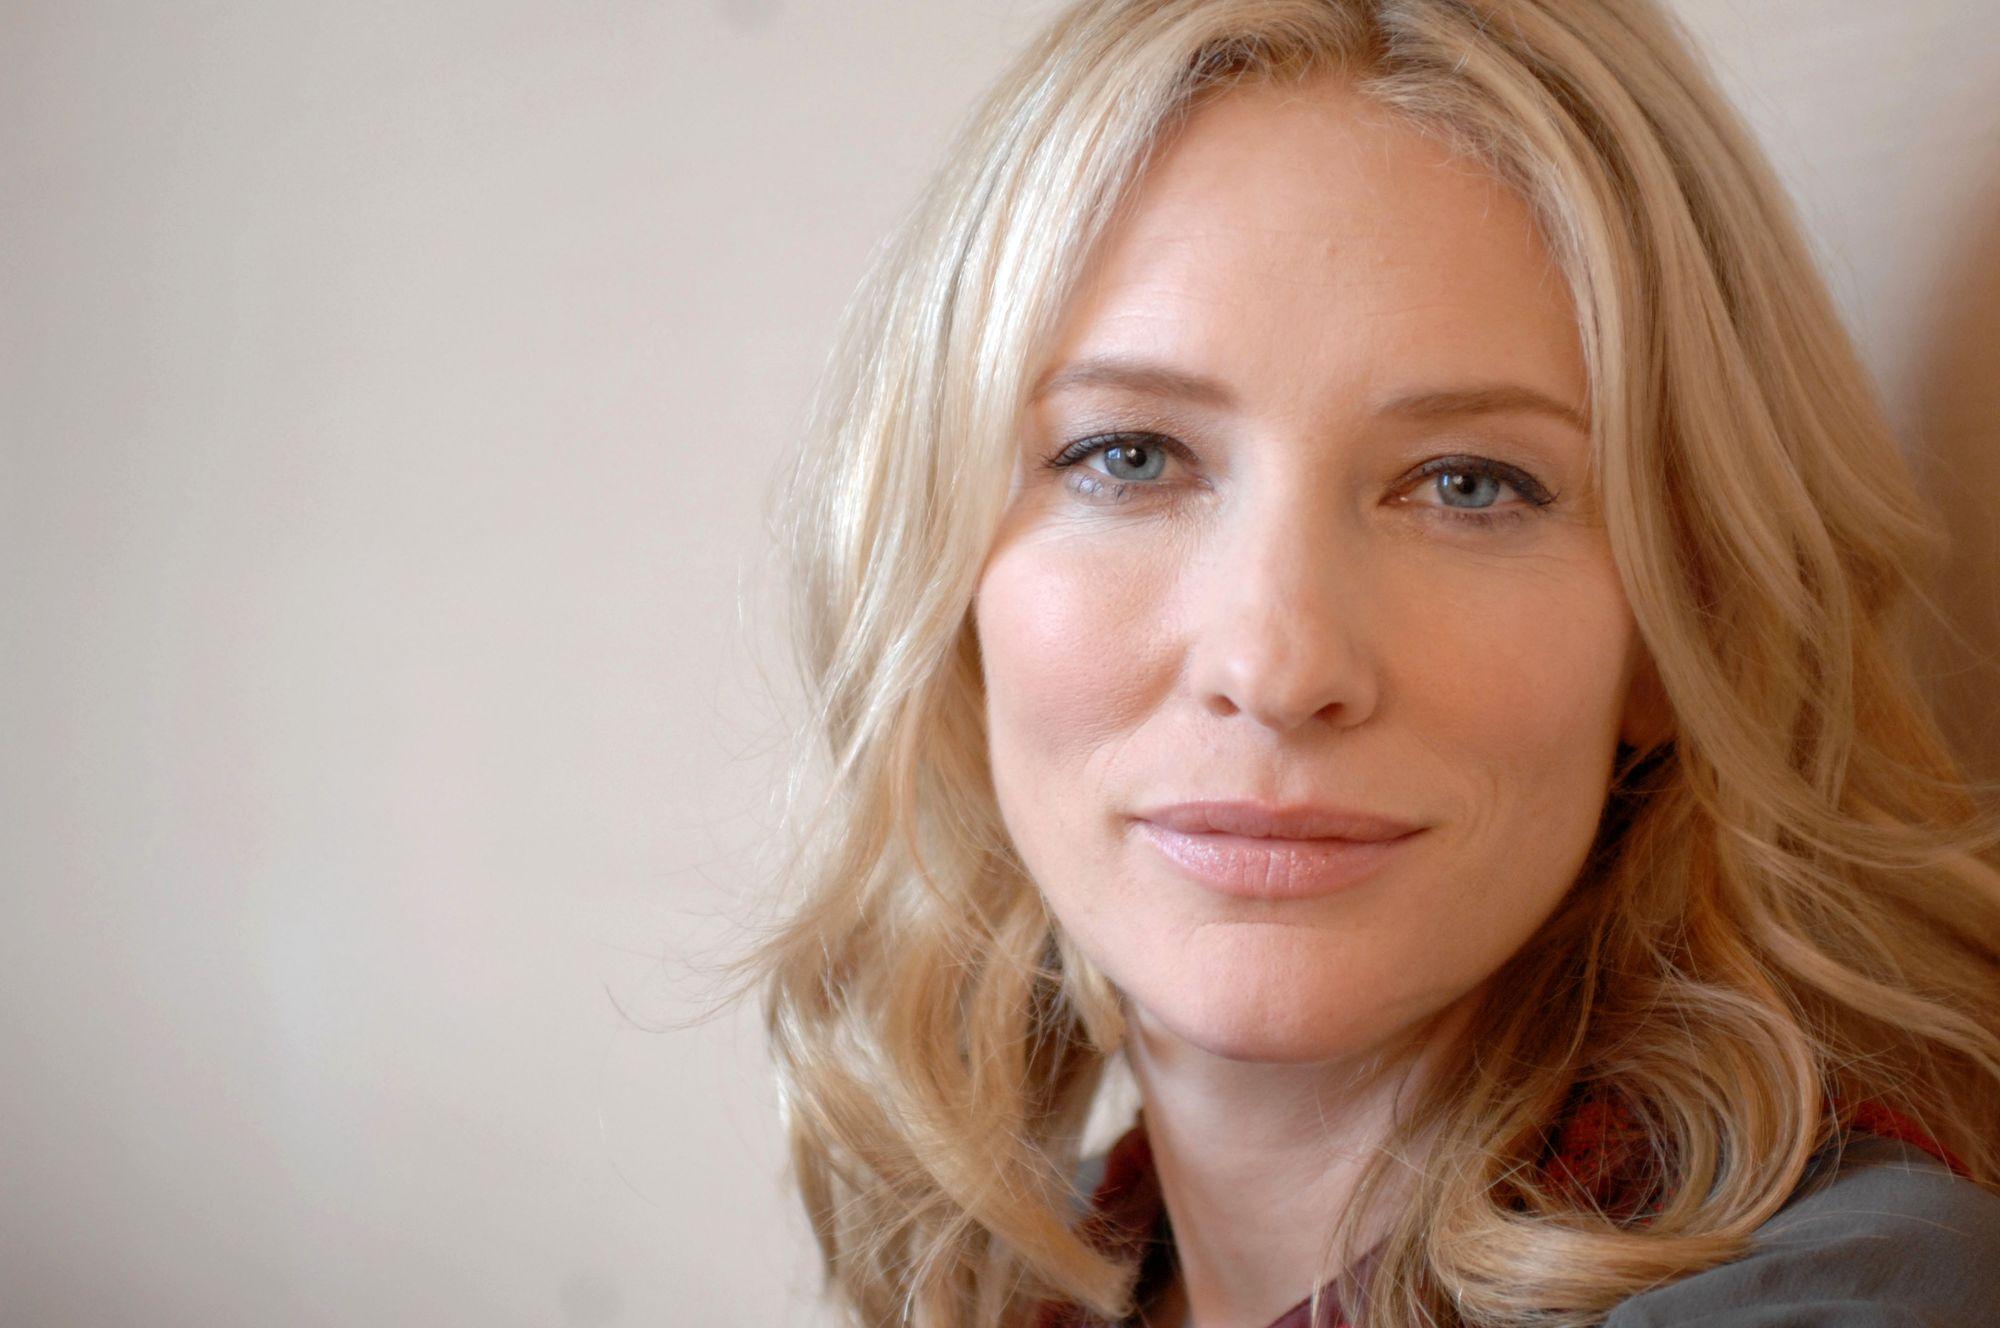 Cate Blanchett photo 260 of 1558 pics, wallpaper - photo ... Cate Blanchett